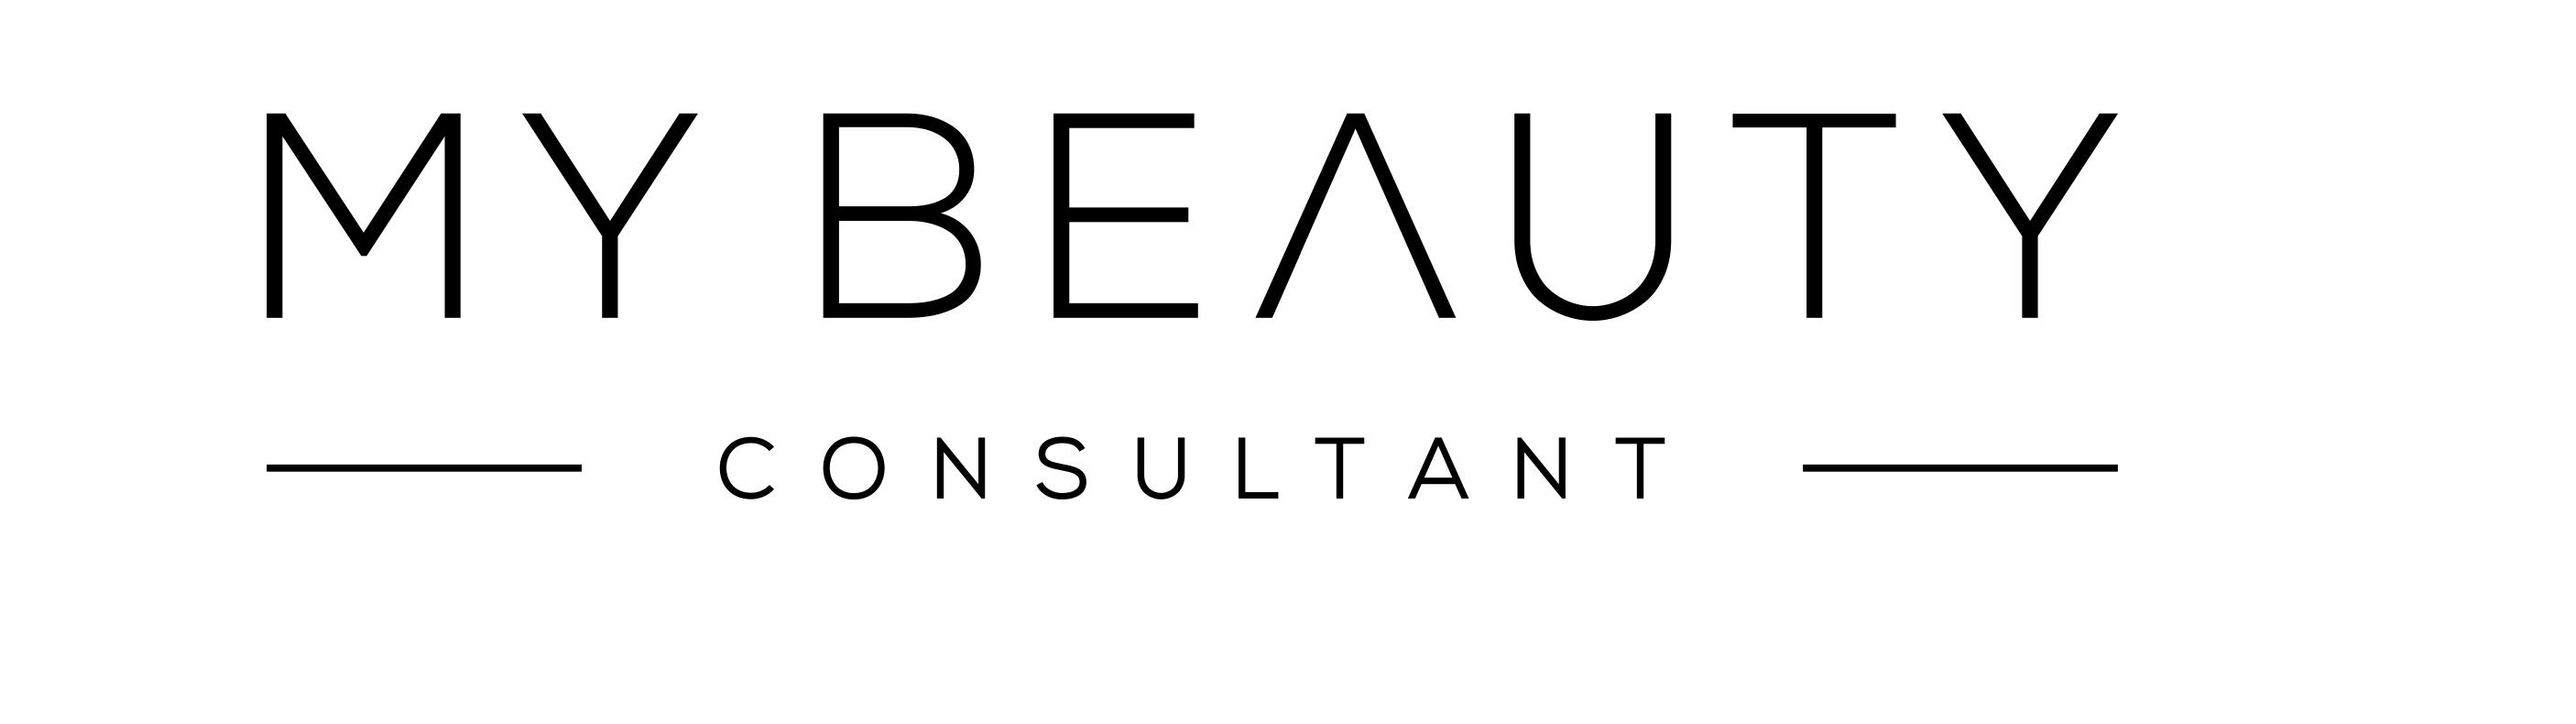 MyBeautyConsultant Logo